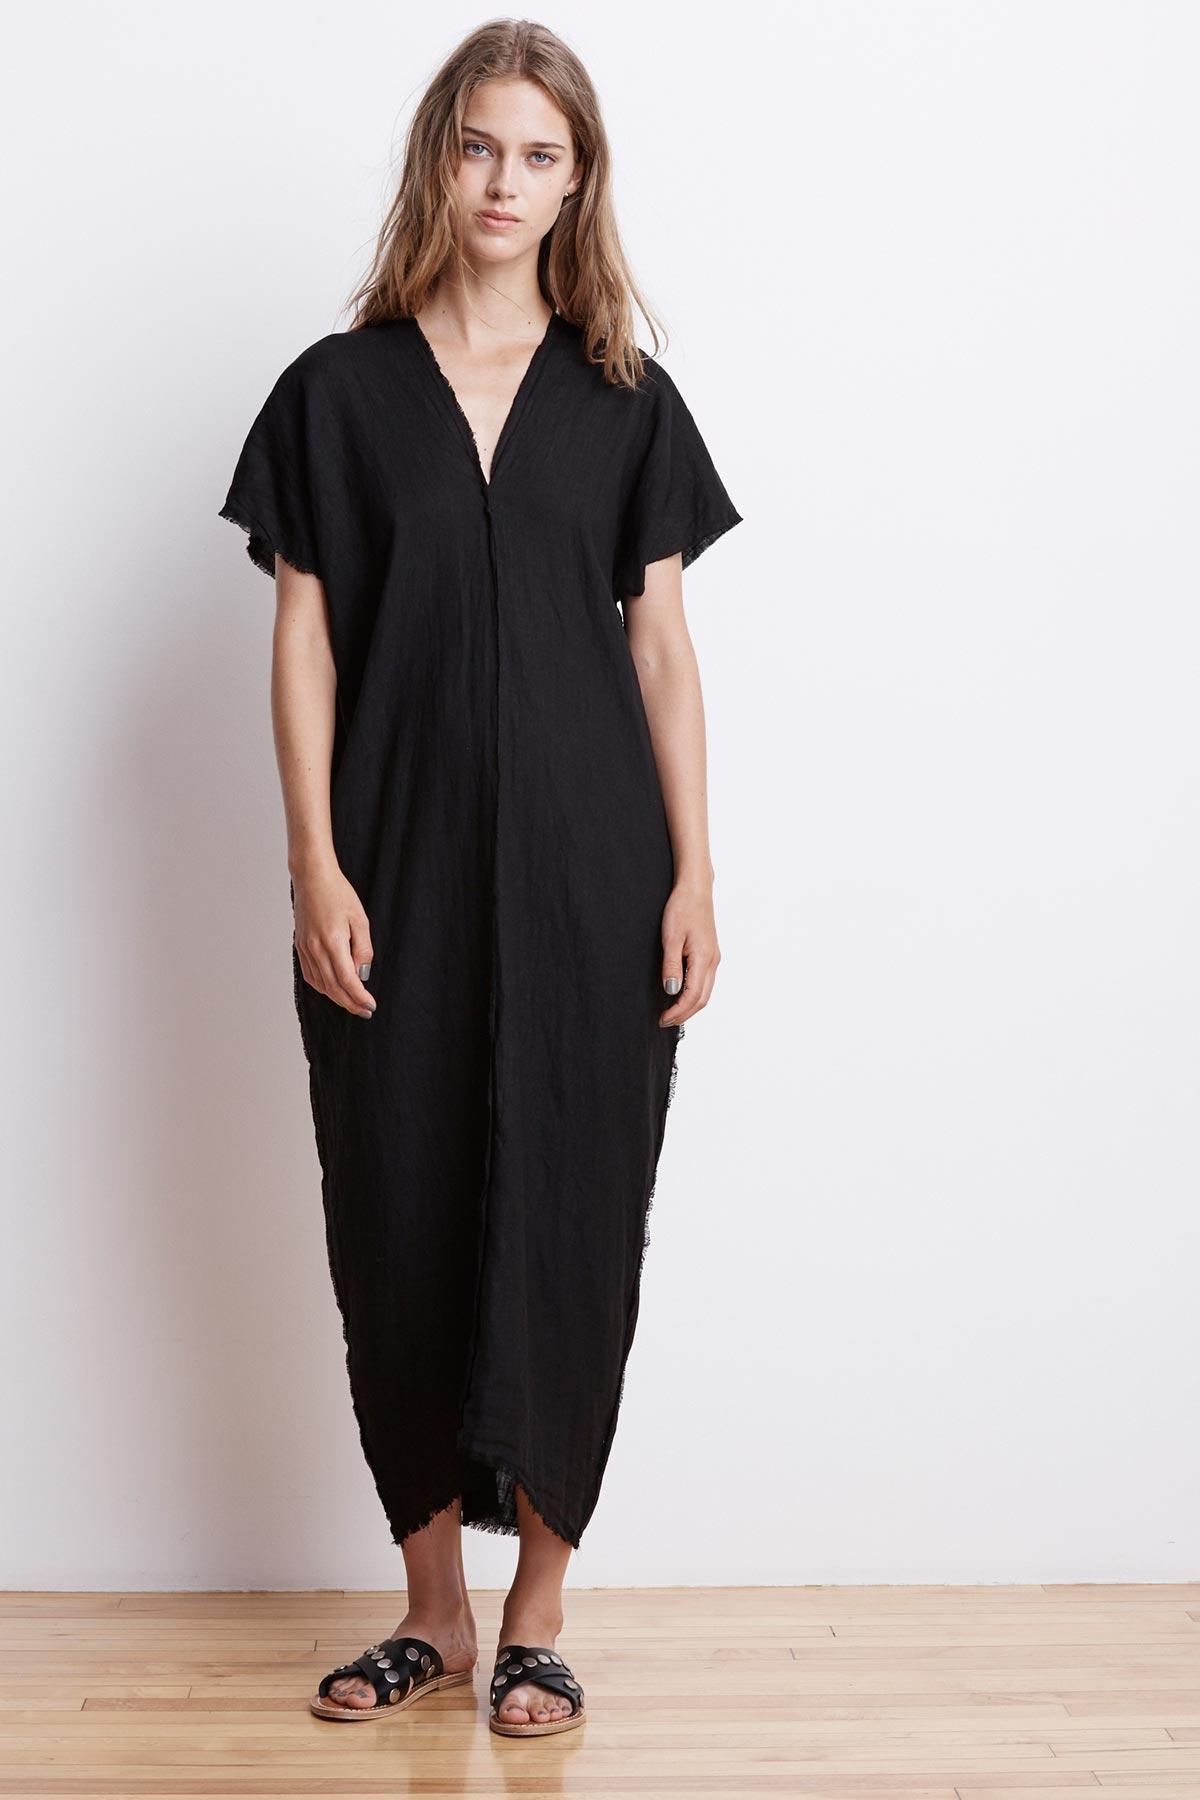 b526a72c0b Lyst - Velvet By Graham   Spencer London Woven Linen Caftan Dress in ...